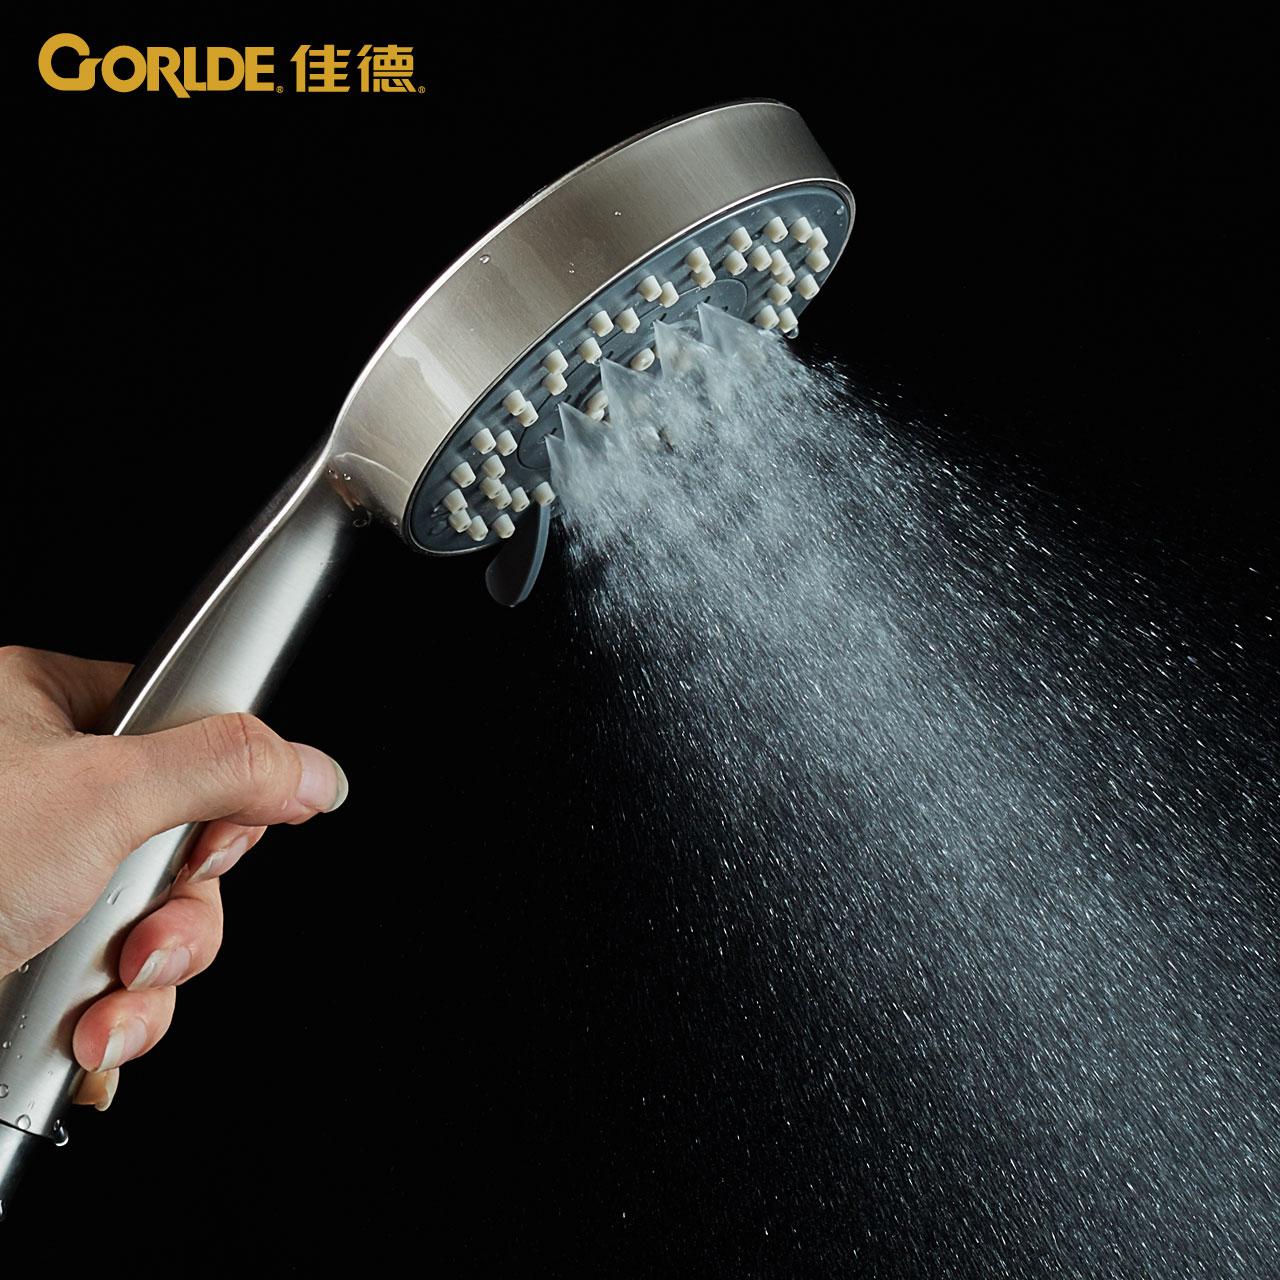 科勒旗下佳德多功能ABS手持花洒喷头淋浴洗澡热水器单头带开关